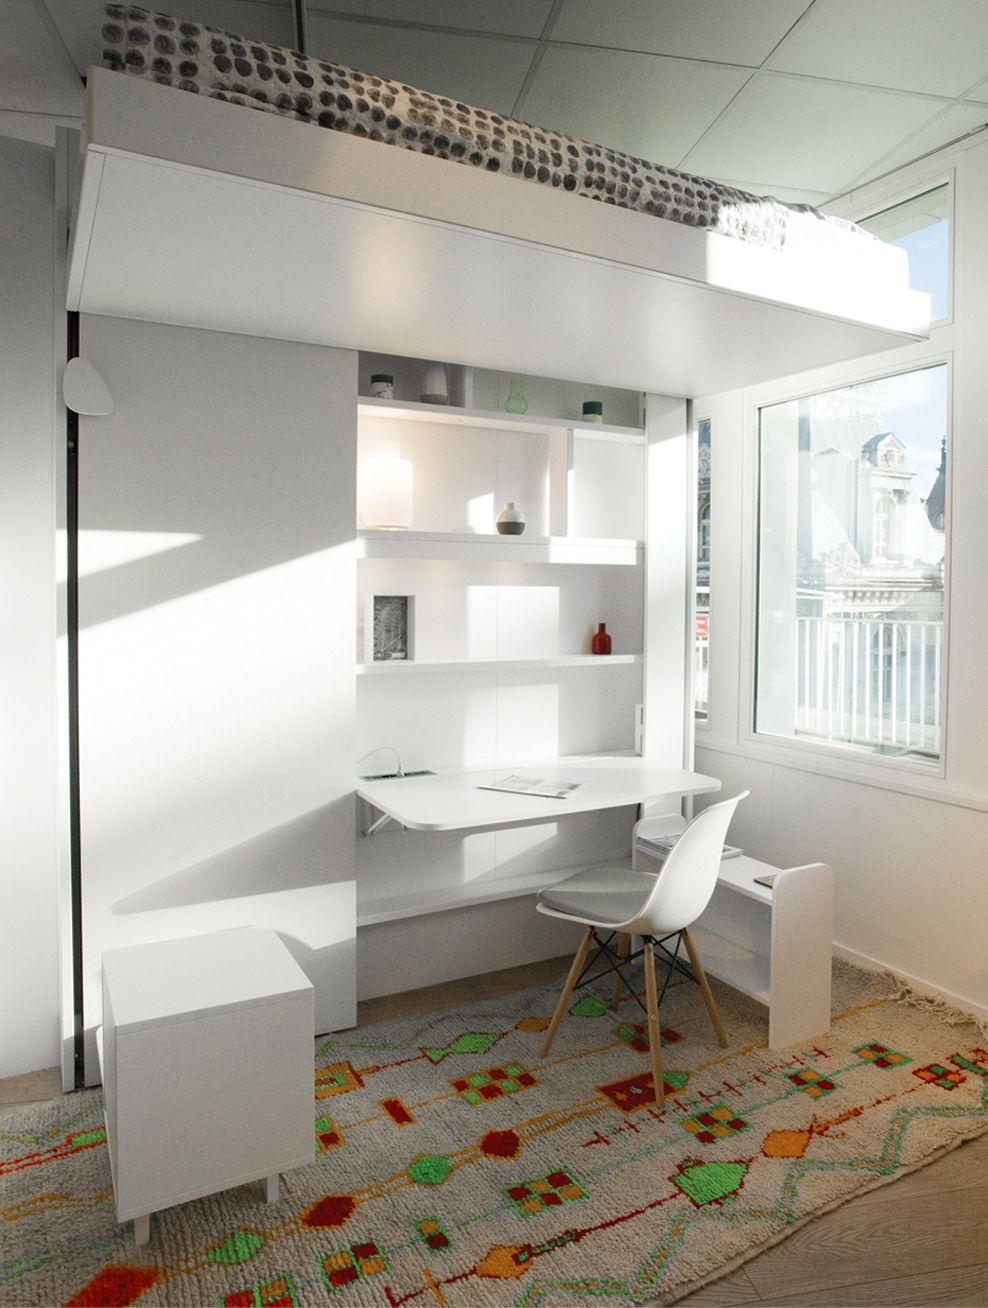 Lit Escamotable Une Place 90x200 Cm Egalement Adapte Pour